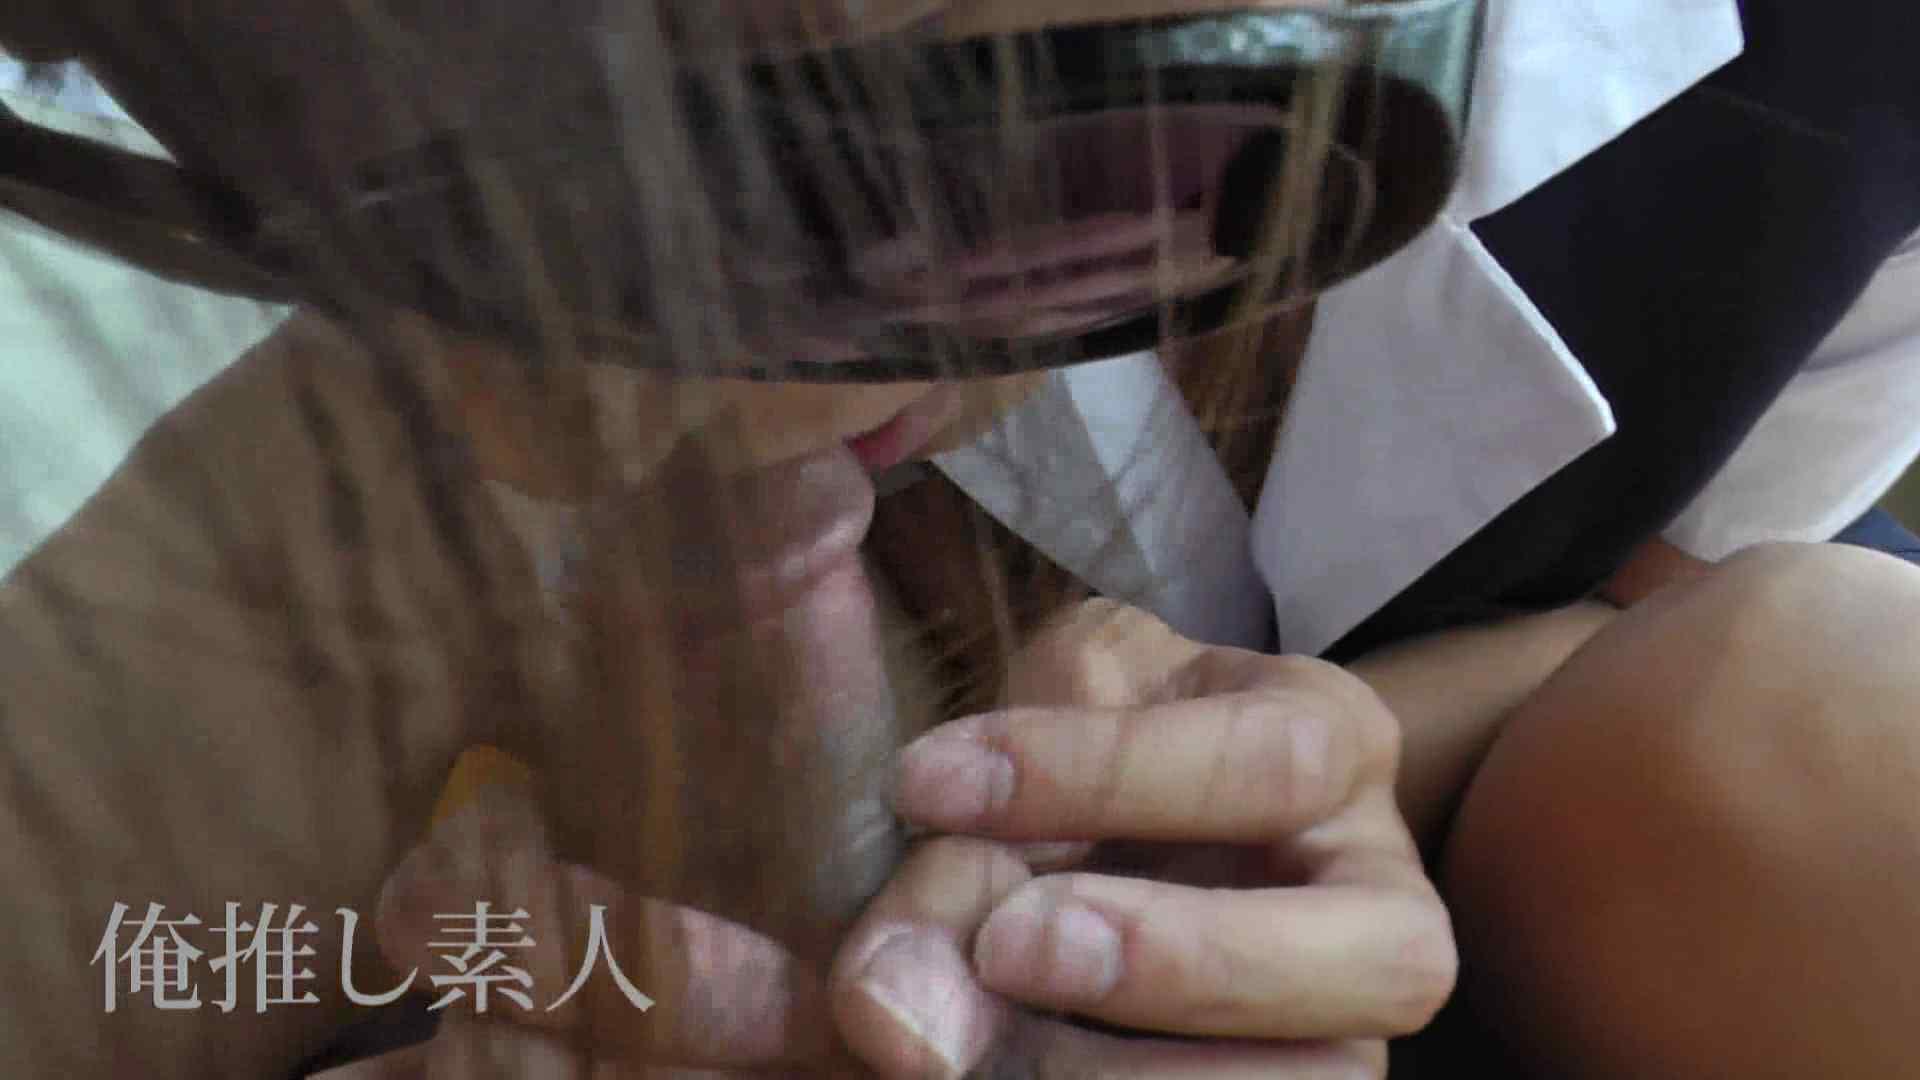 俺推し素人 30代人妻熟女キャバ嬢雫 お色気キャバ嬢 隠し撮りオマンコ動画紹介 94枚 55